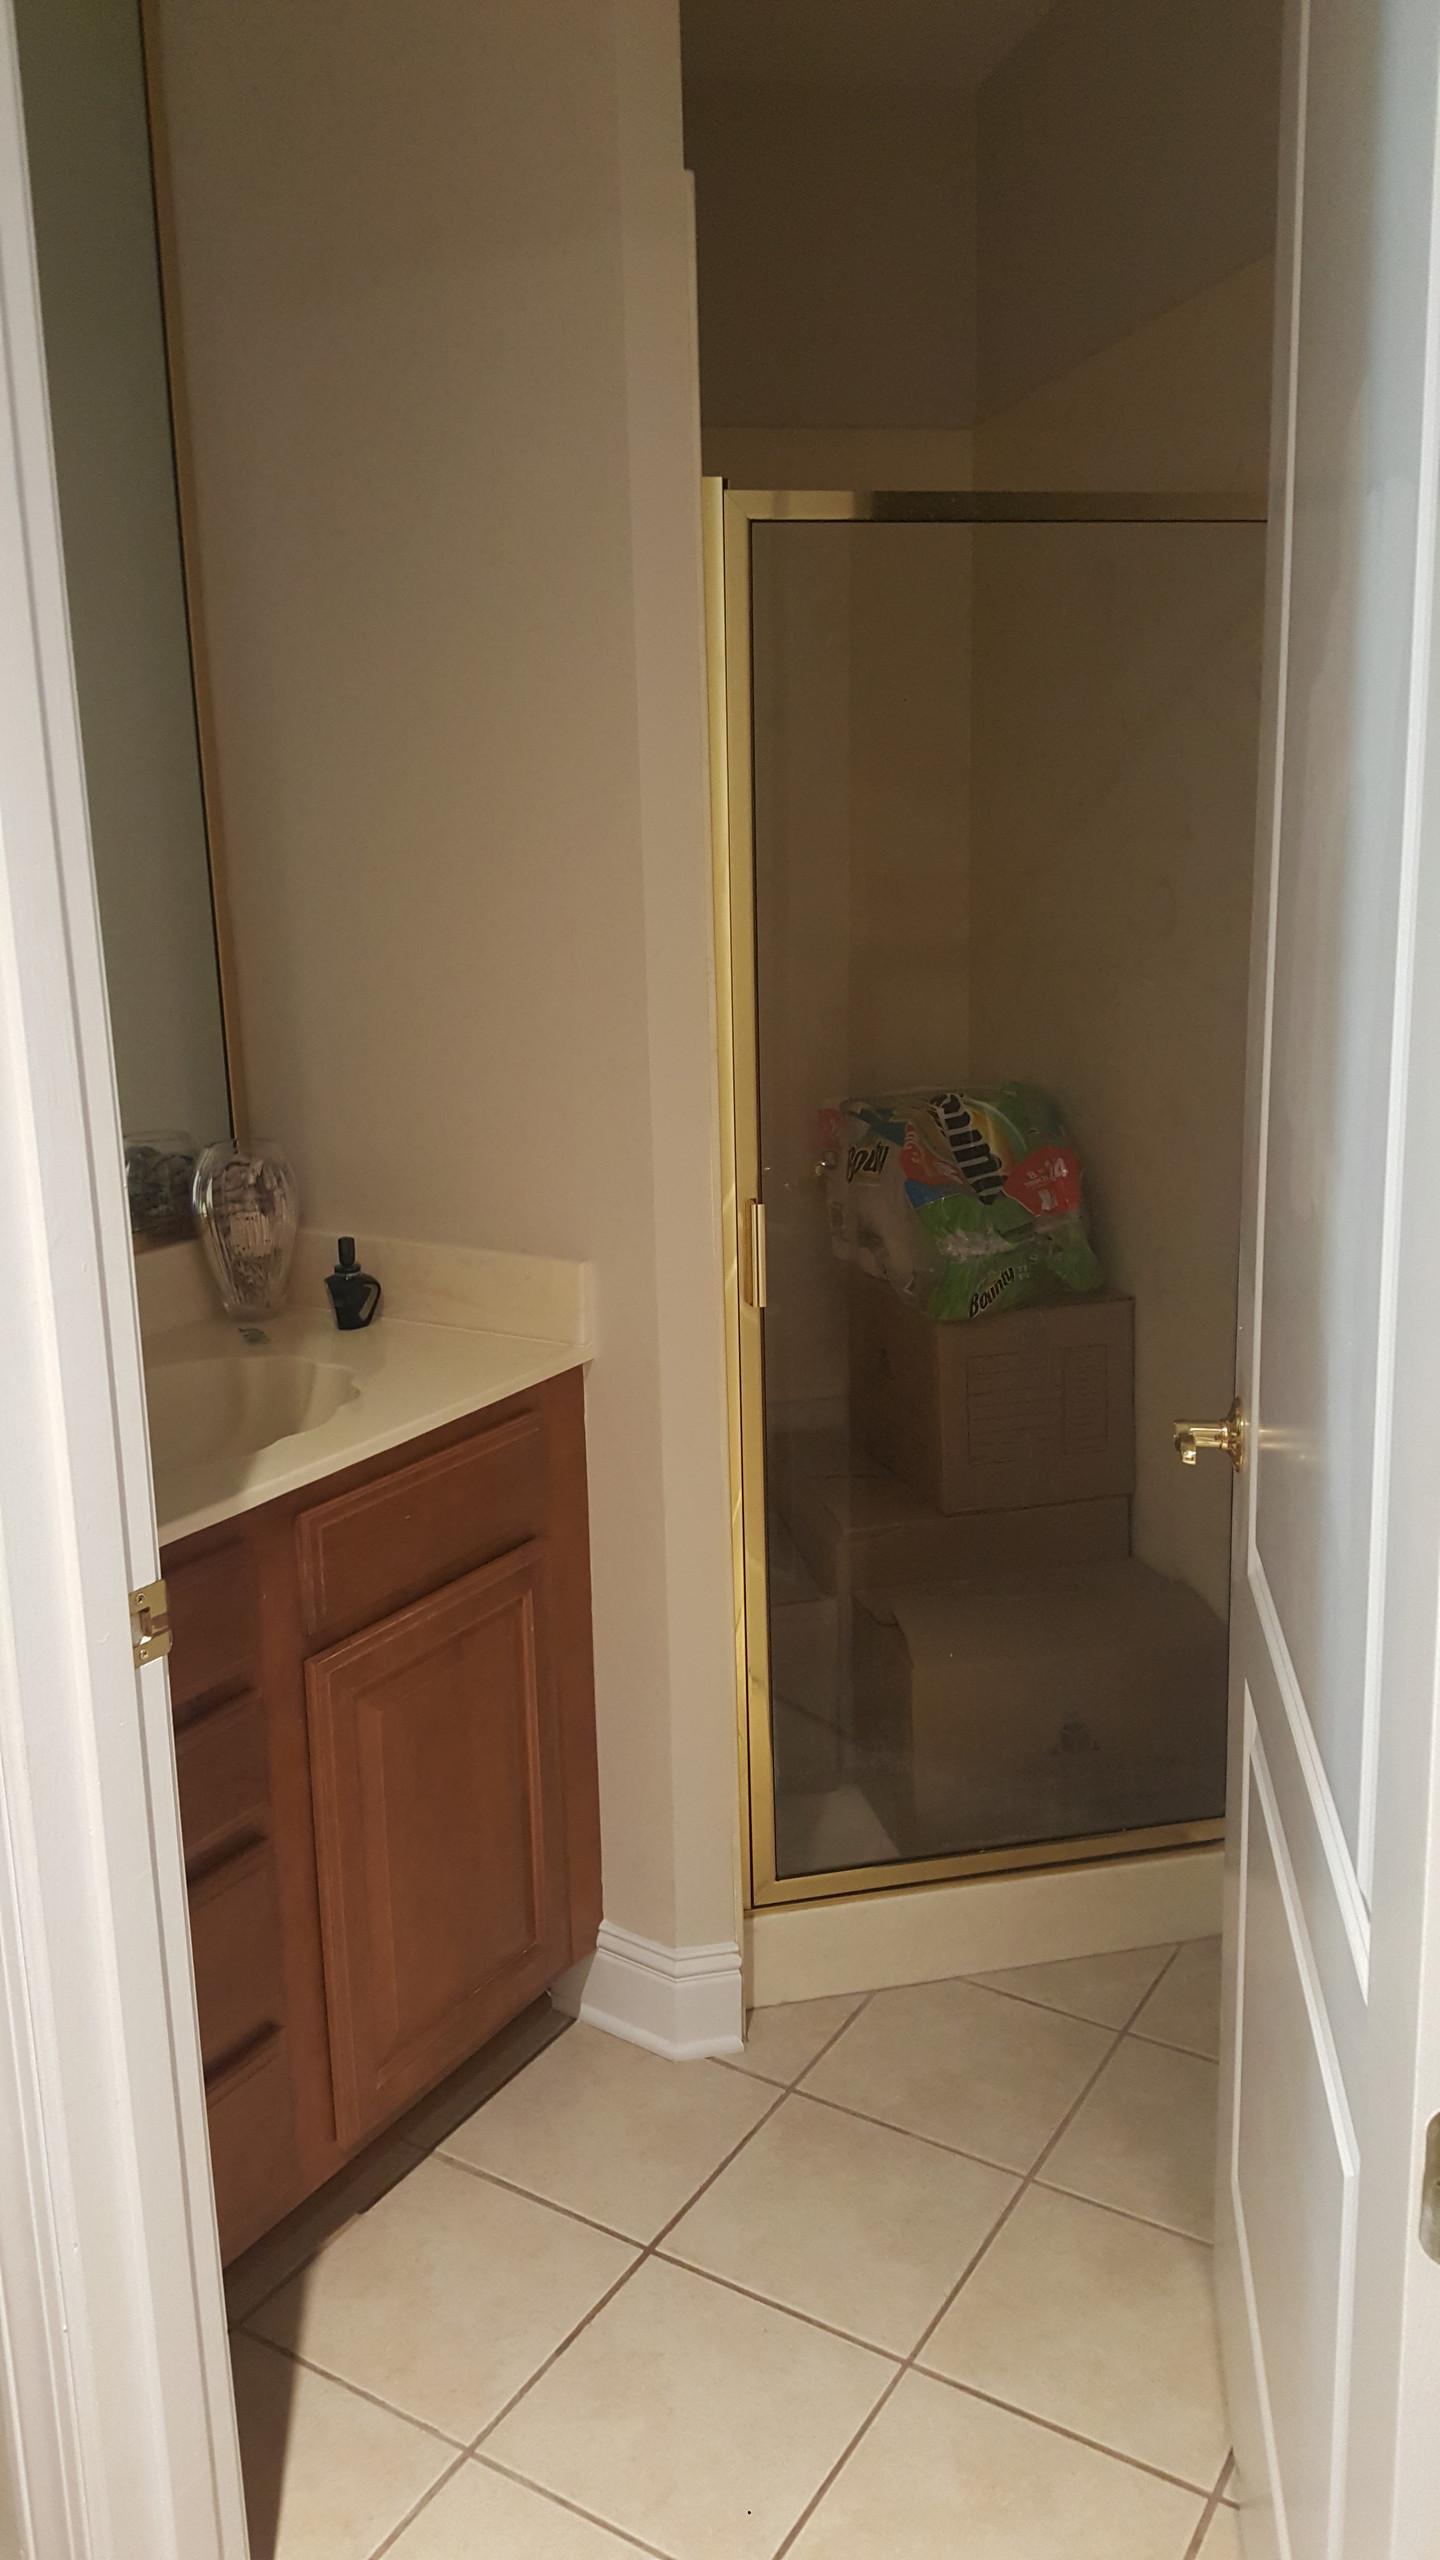 Original full bathroom turned into a half bath